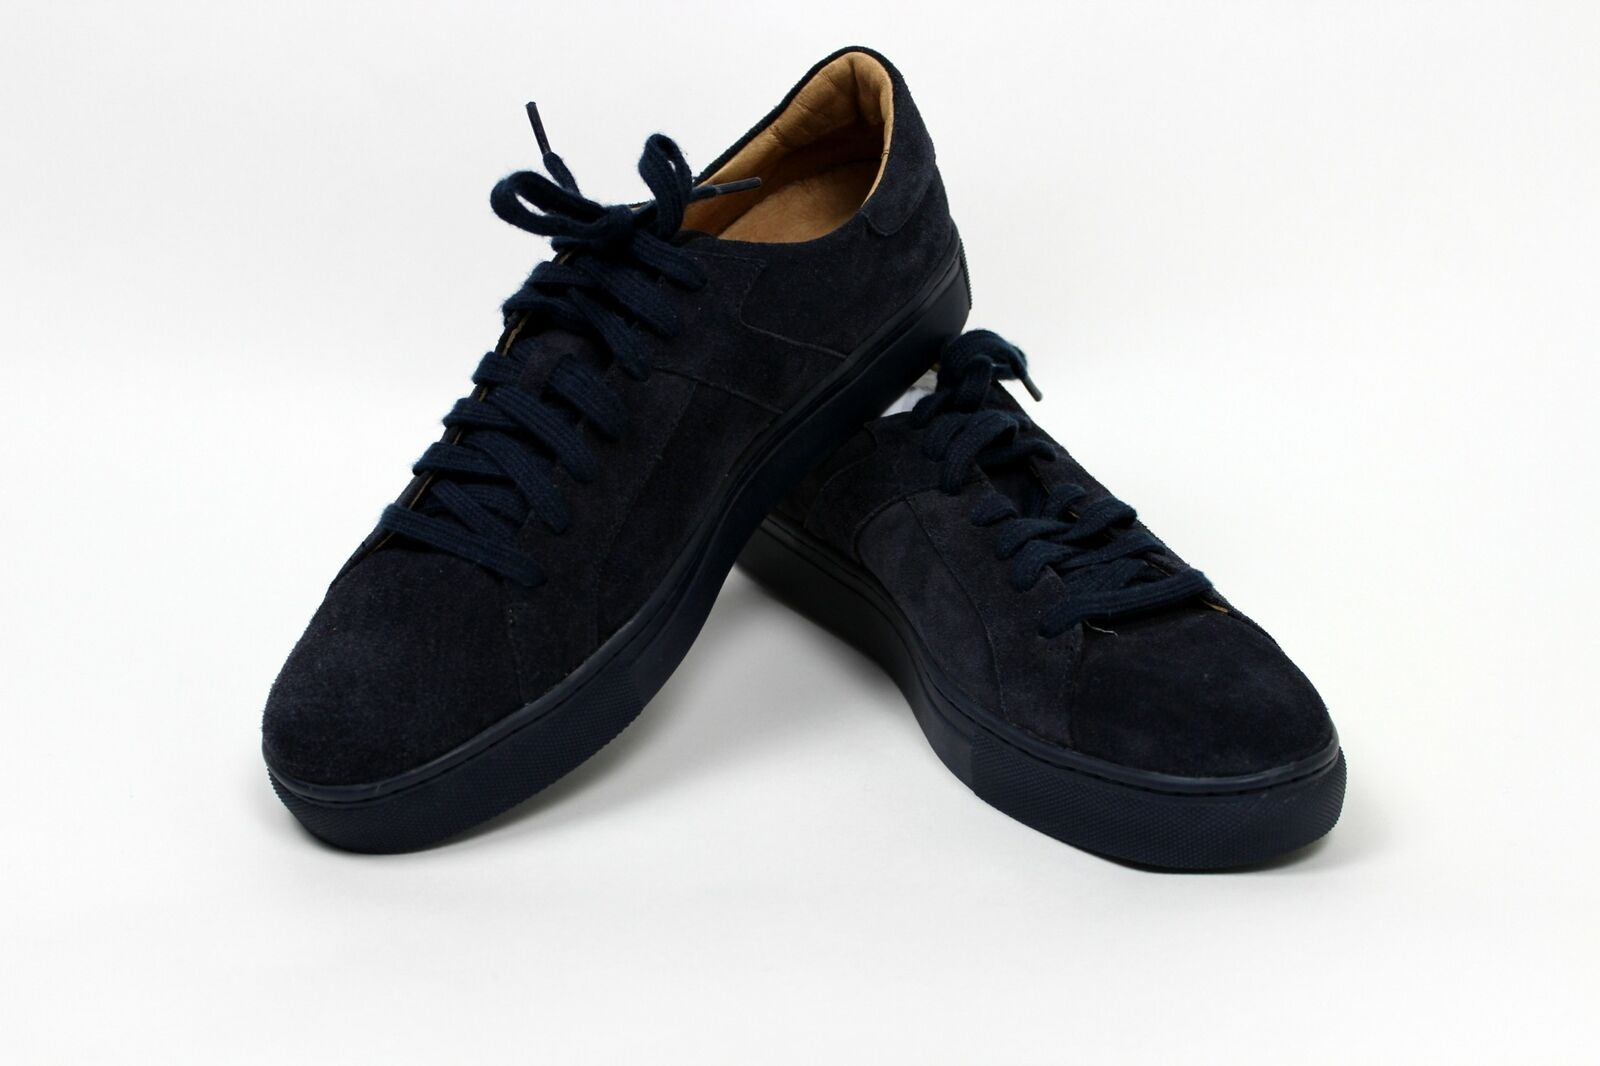 BRAND NEW - Trask Aaron Sneakers Navy Suede -8M-MSRP